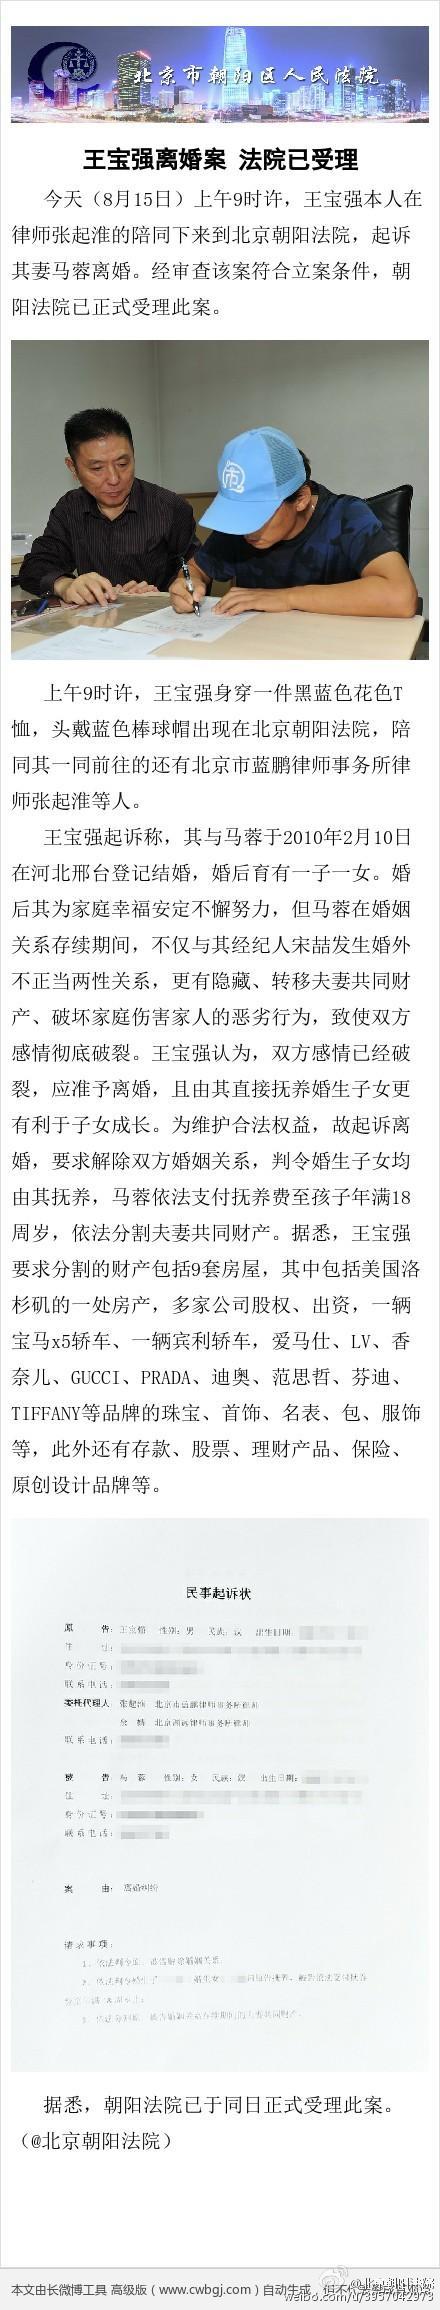 王宝强离婚案法院已受理 起诉状曝光